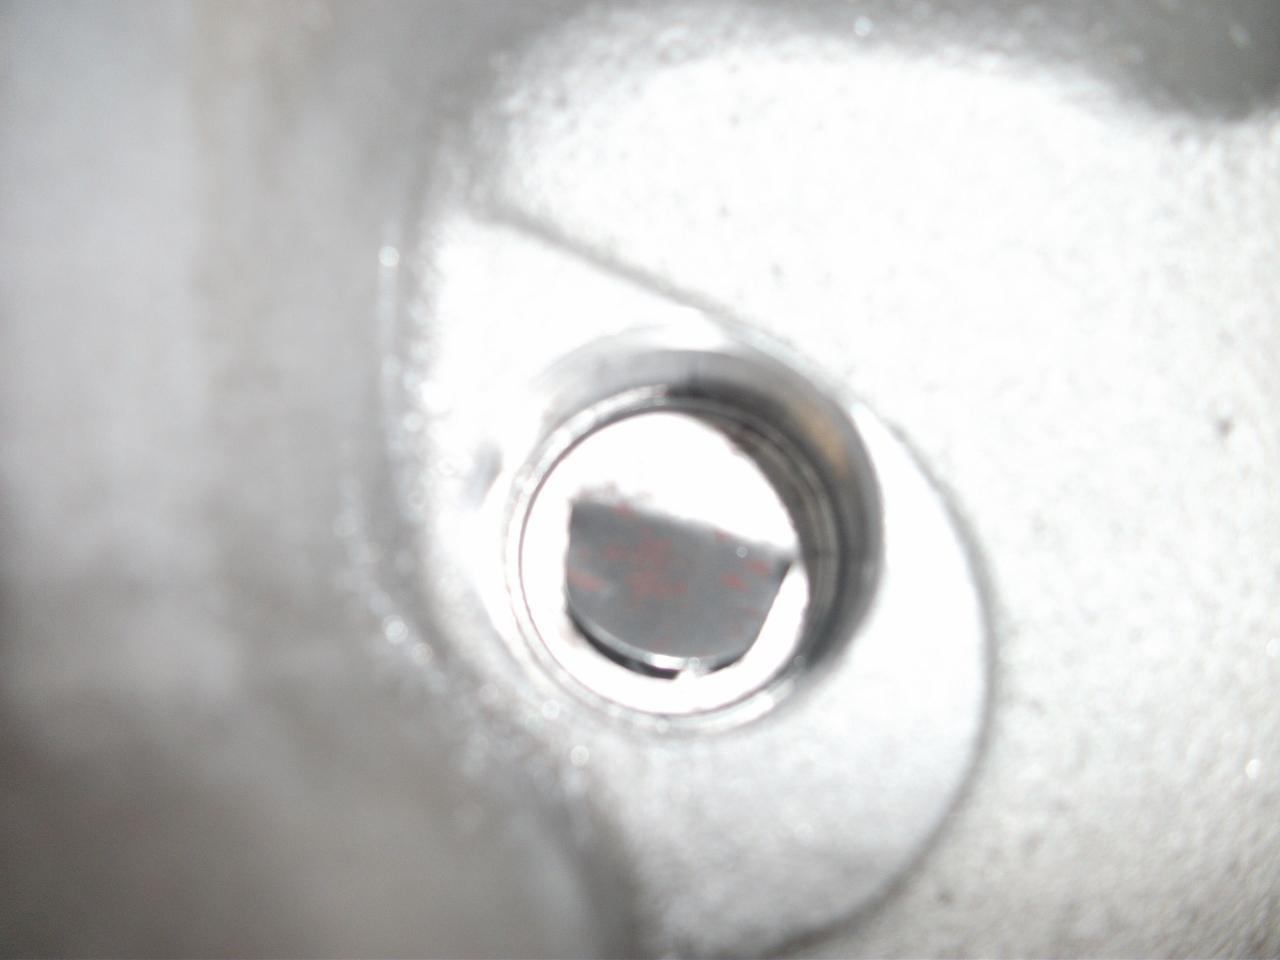 Gurney-Weslake Valve Covers for Windsors-gw-valve-covers-006-1280x960-jpg